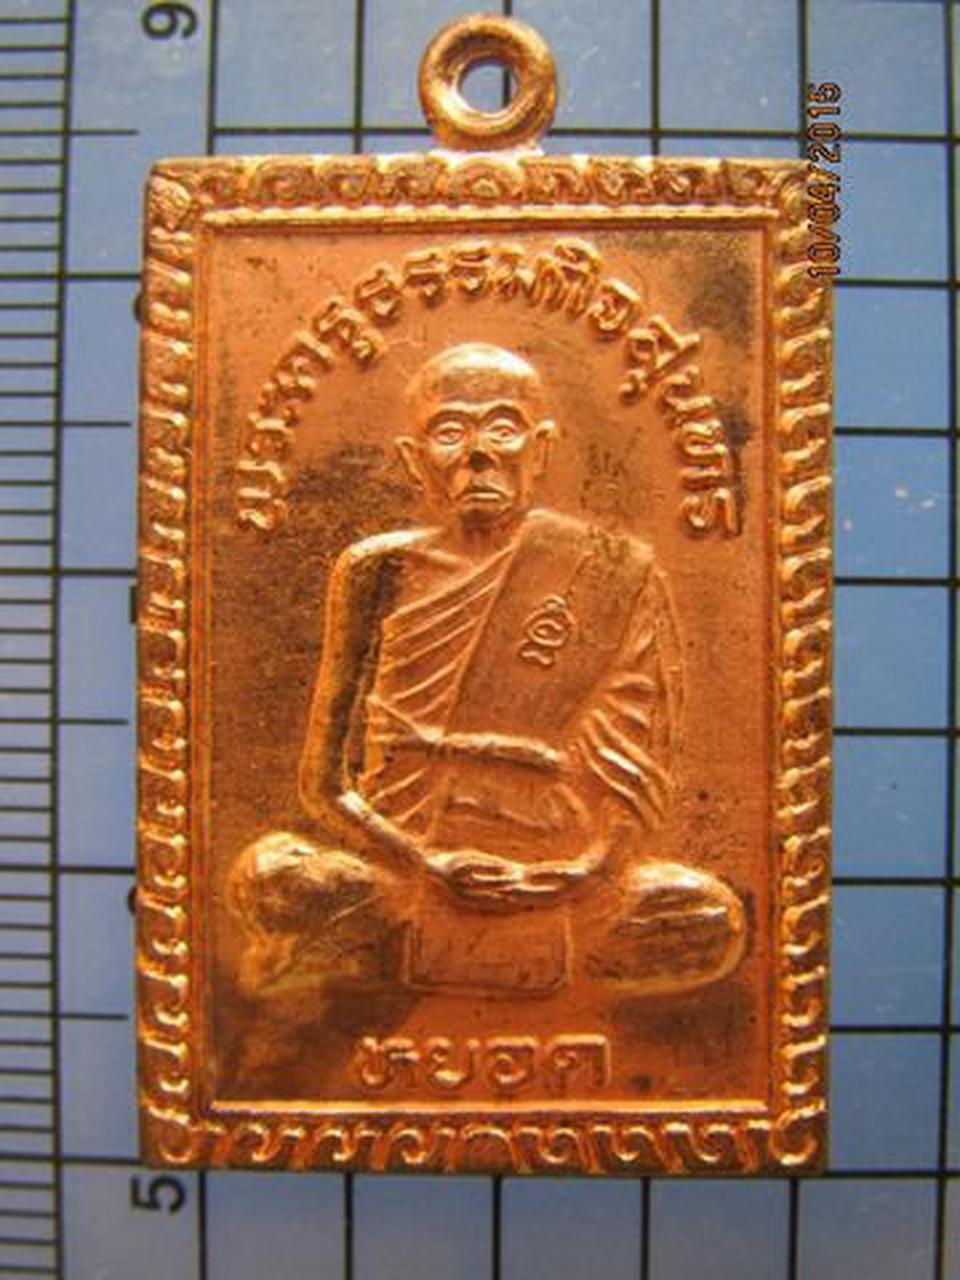 1618 เหรียญสี่เหลี่ยมหลวงพ่อหยอด วัดแก้วเจริญ จ.สมุทรสงคราม  รูปที่ 2